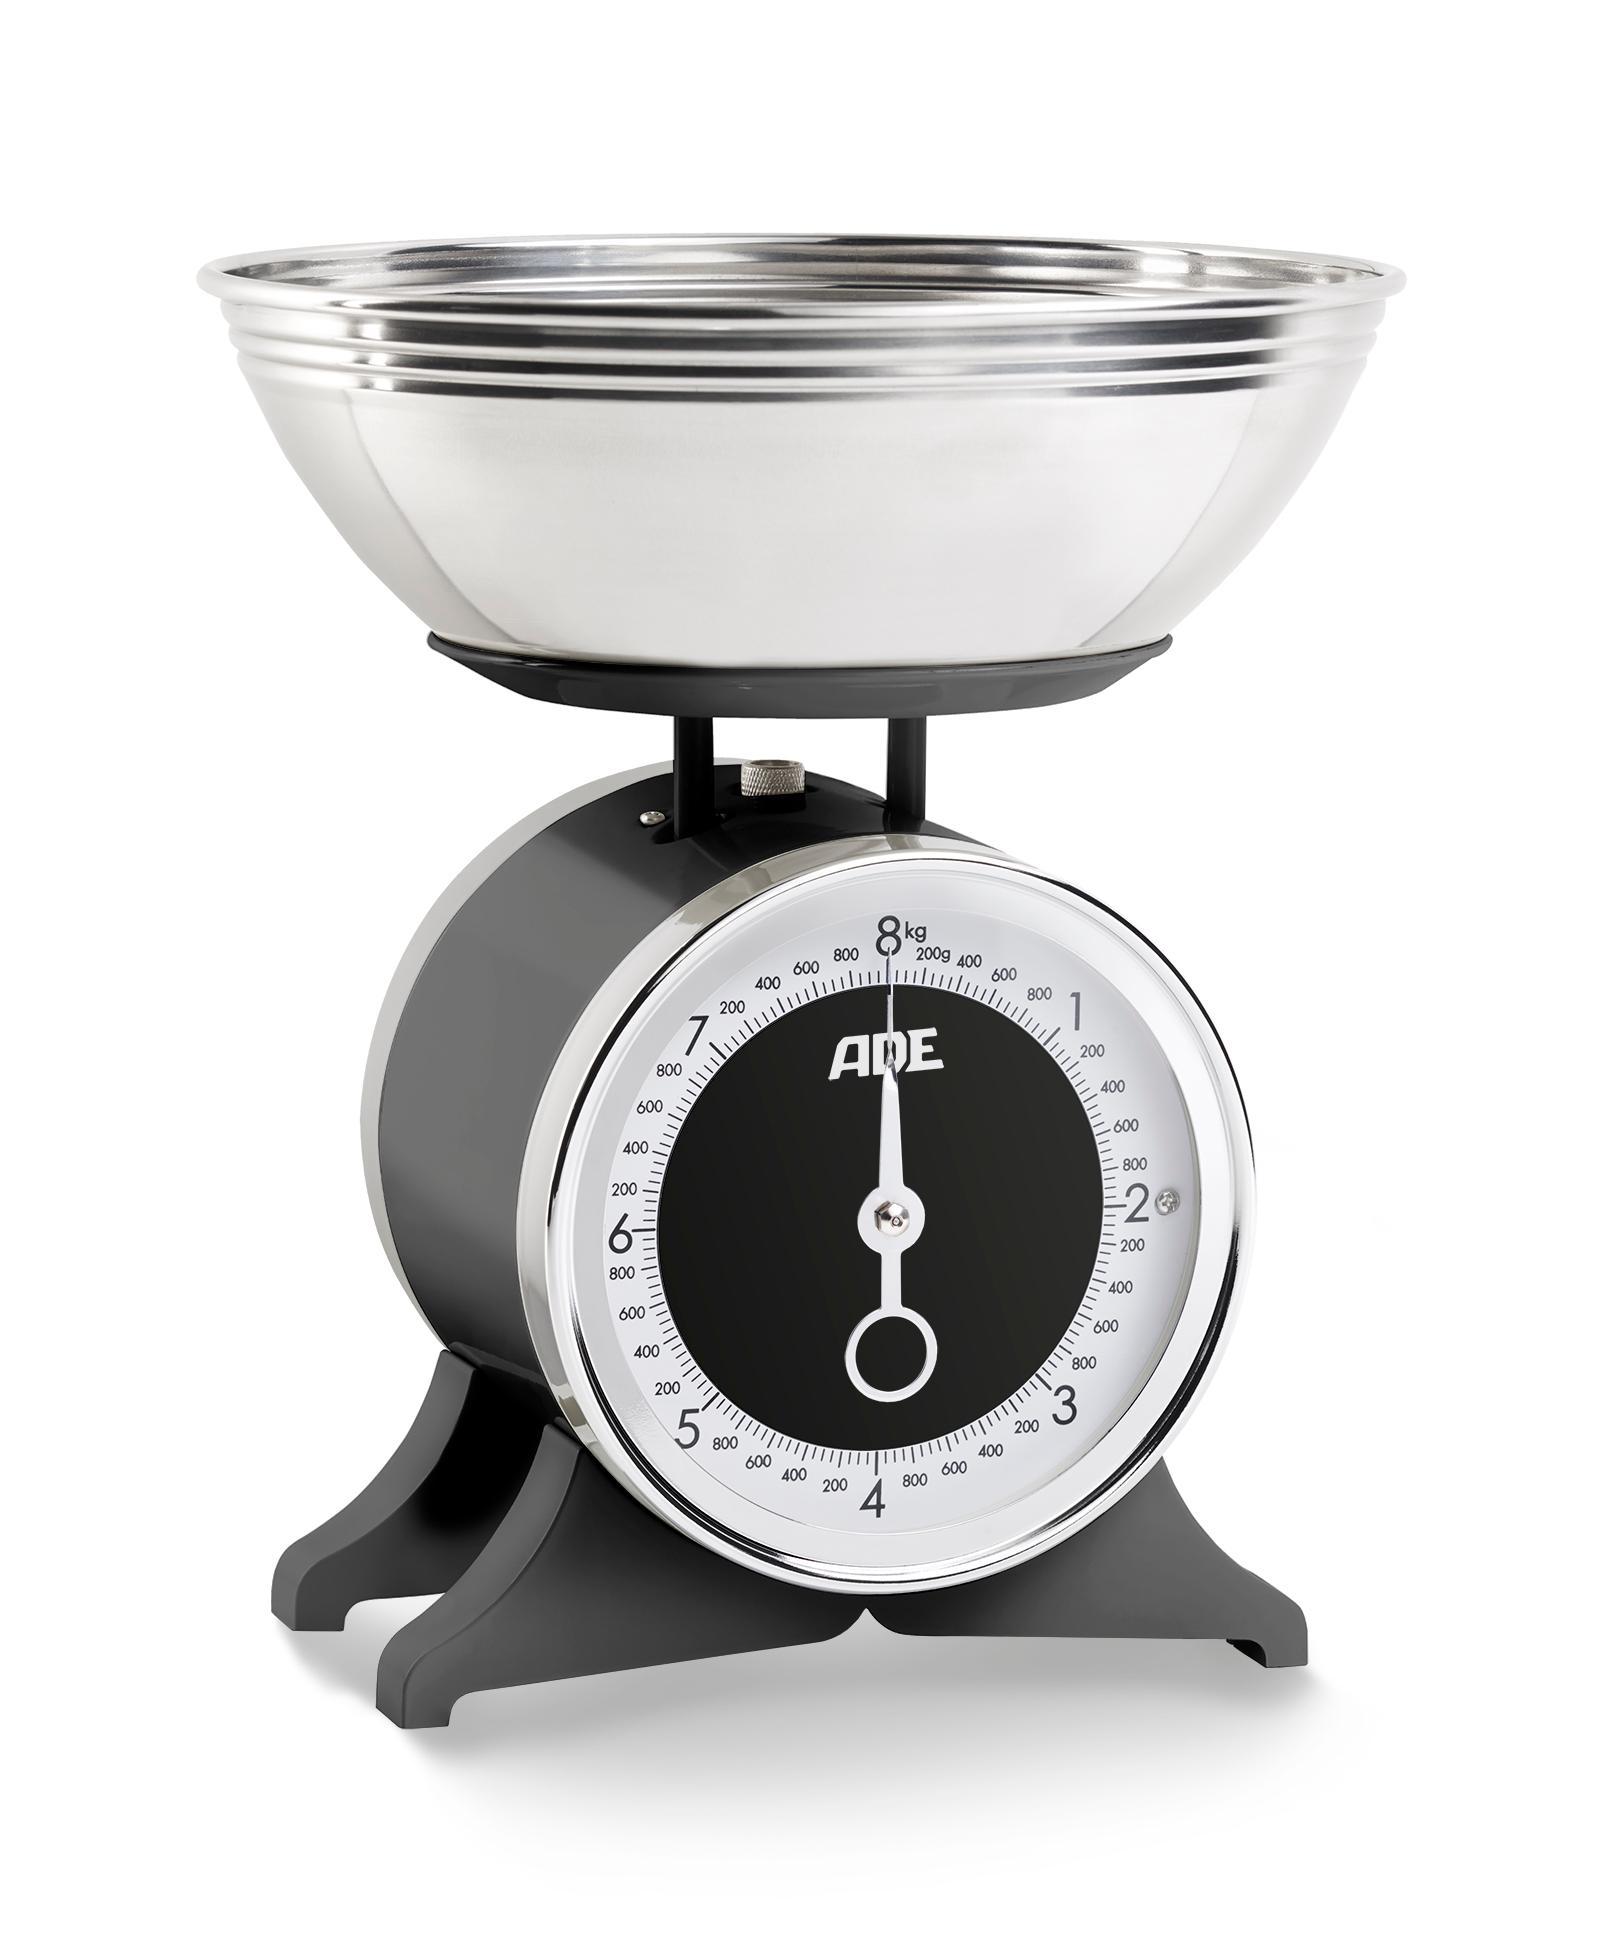 Fantastisch Sx Küchenwaage App Fotos - Küche Set Ideen ...